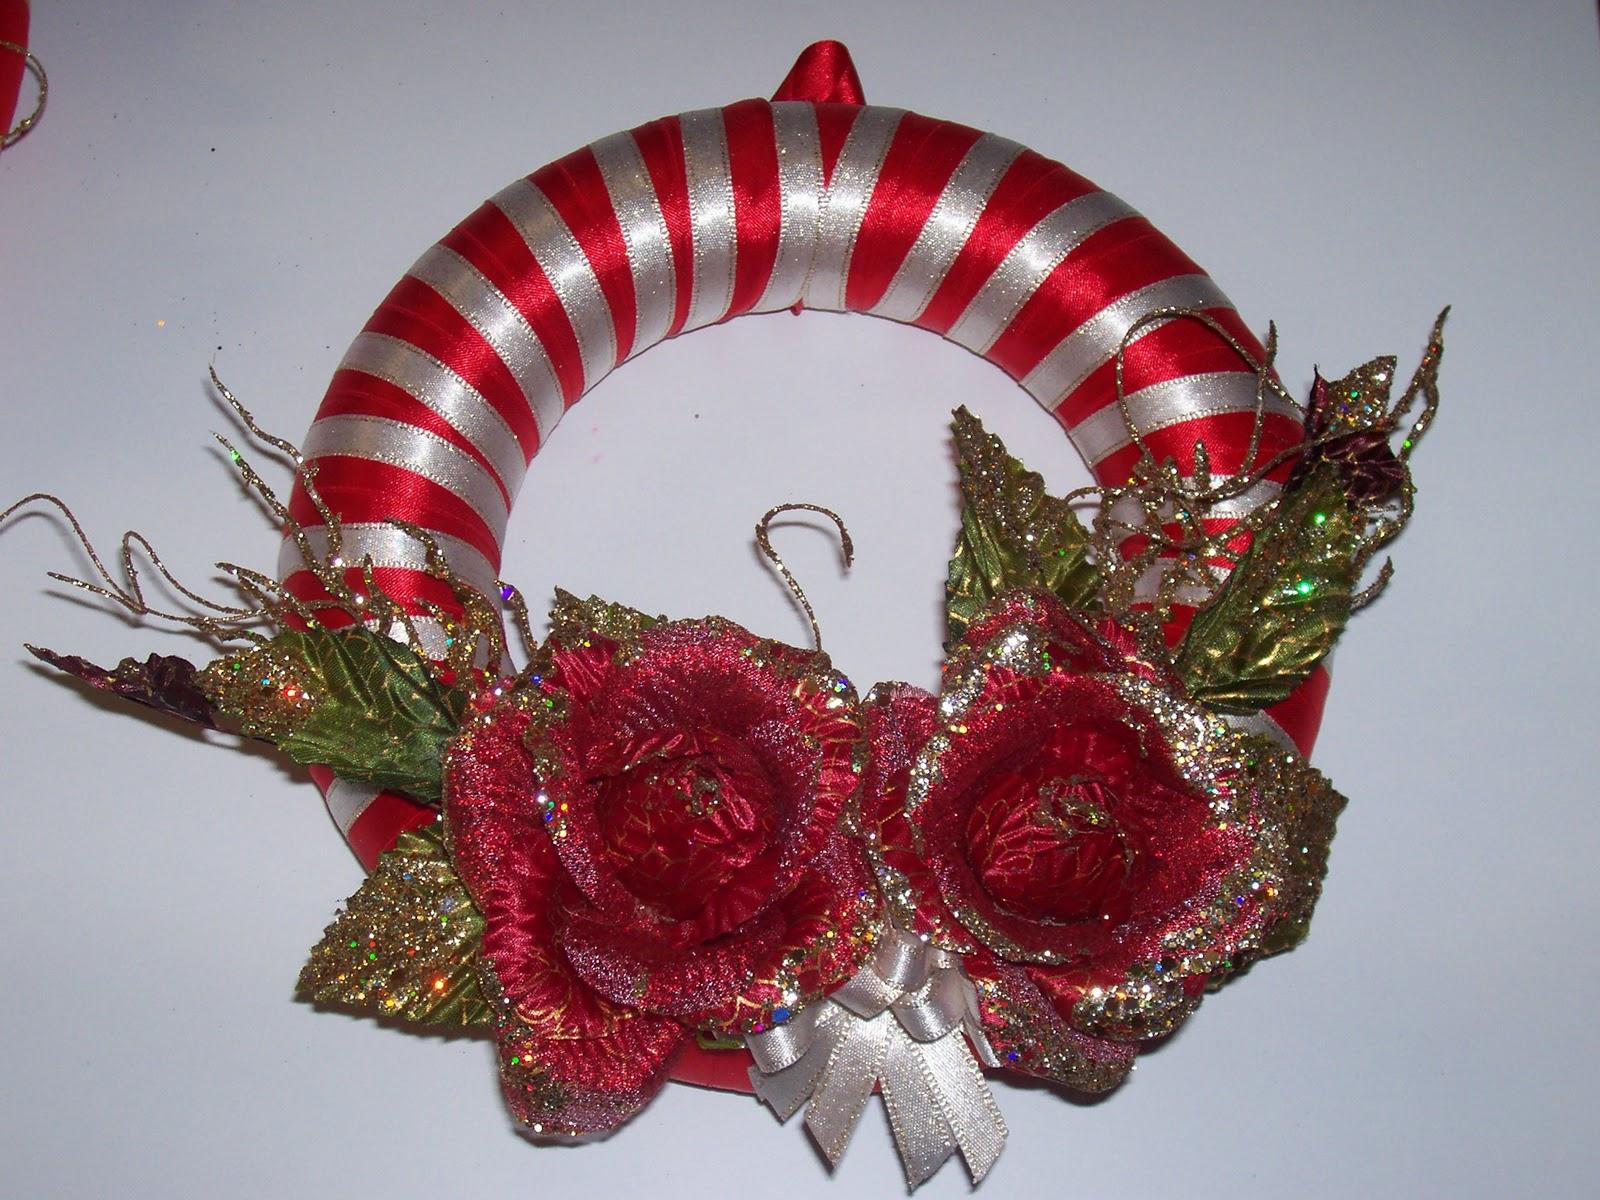 Mille idee ghirlande natalizie - Ghirlanda porta ...